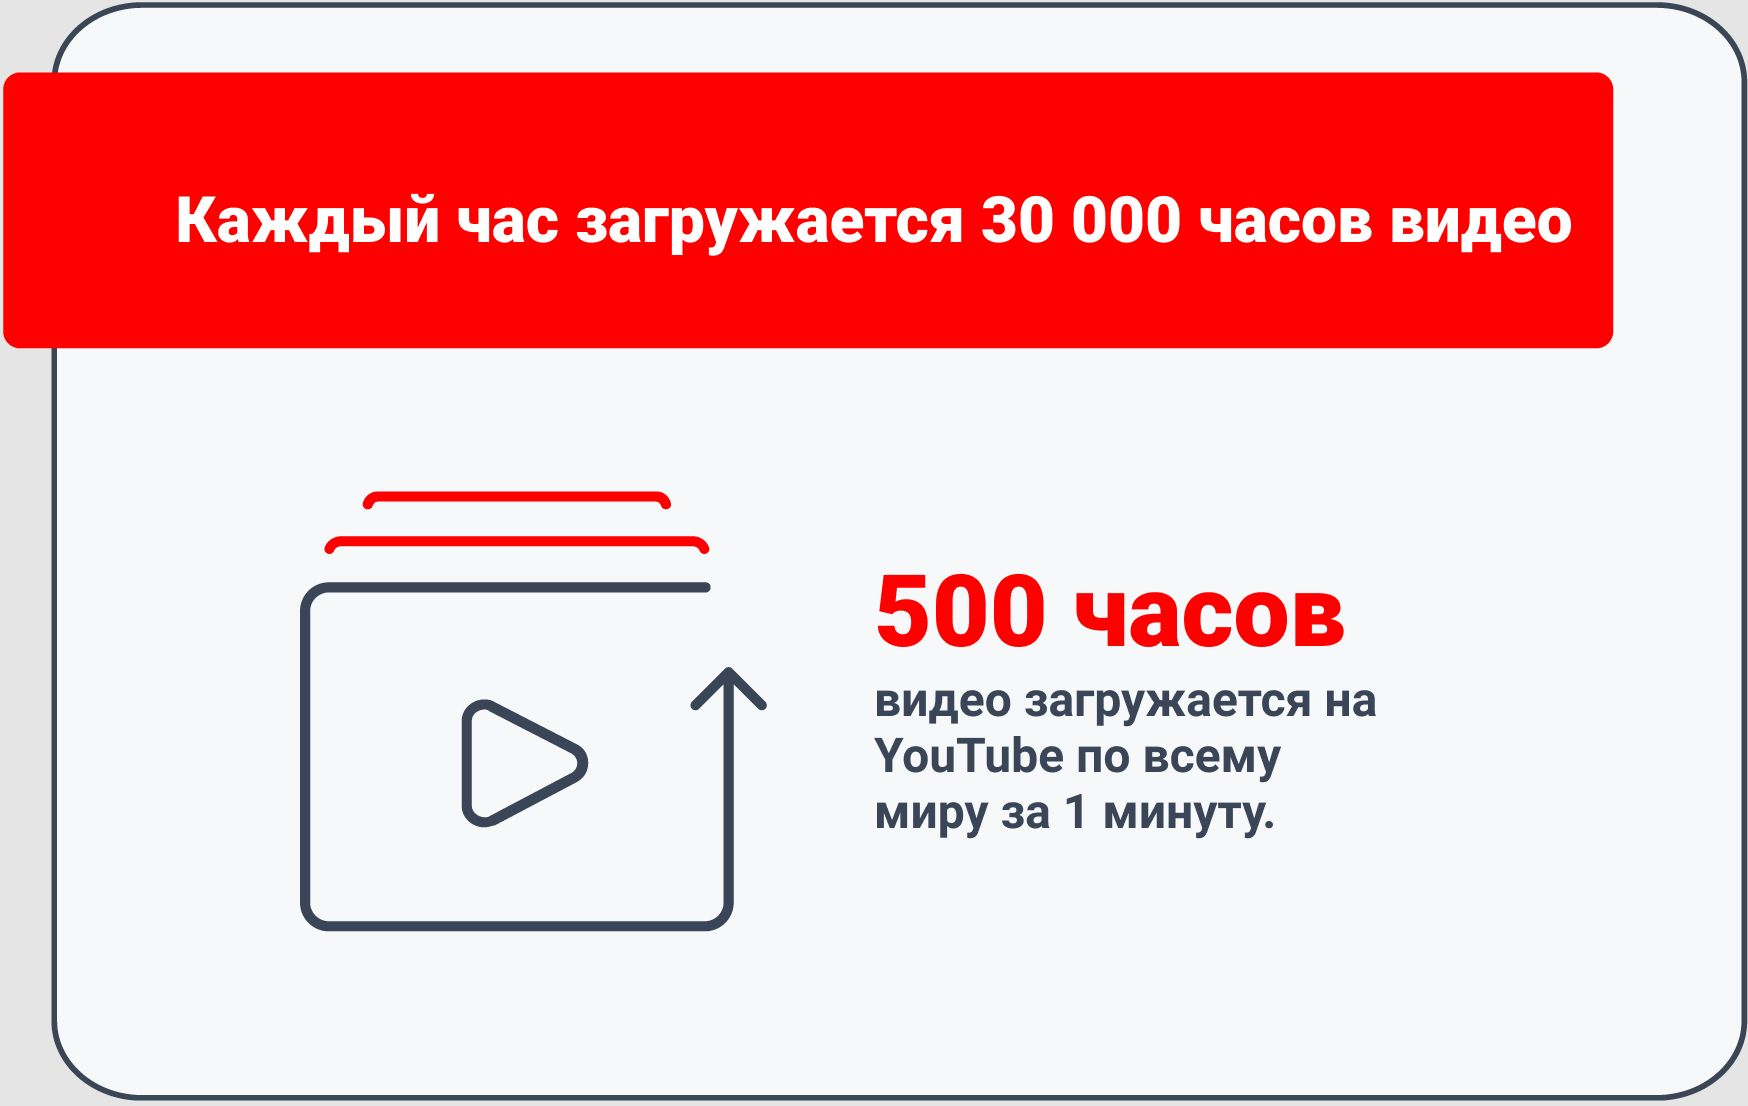 66000-jpg.2196